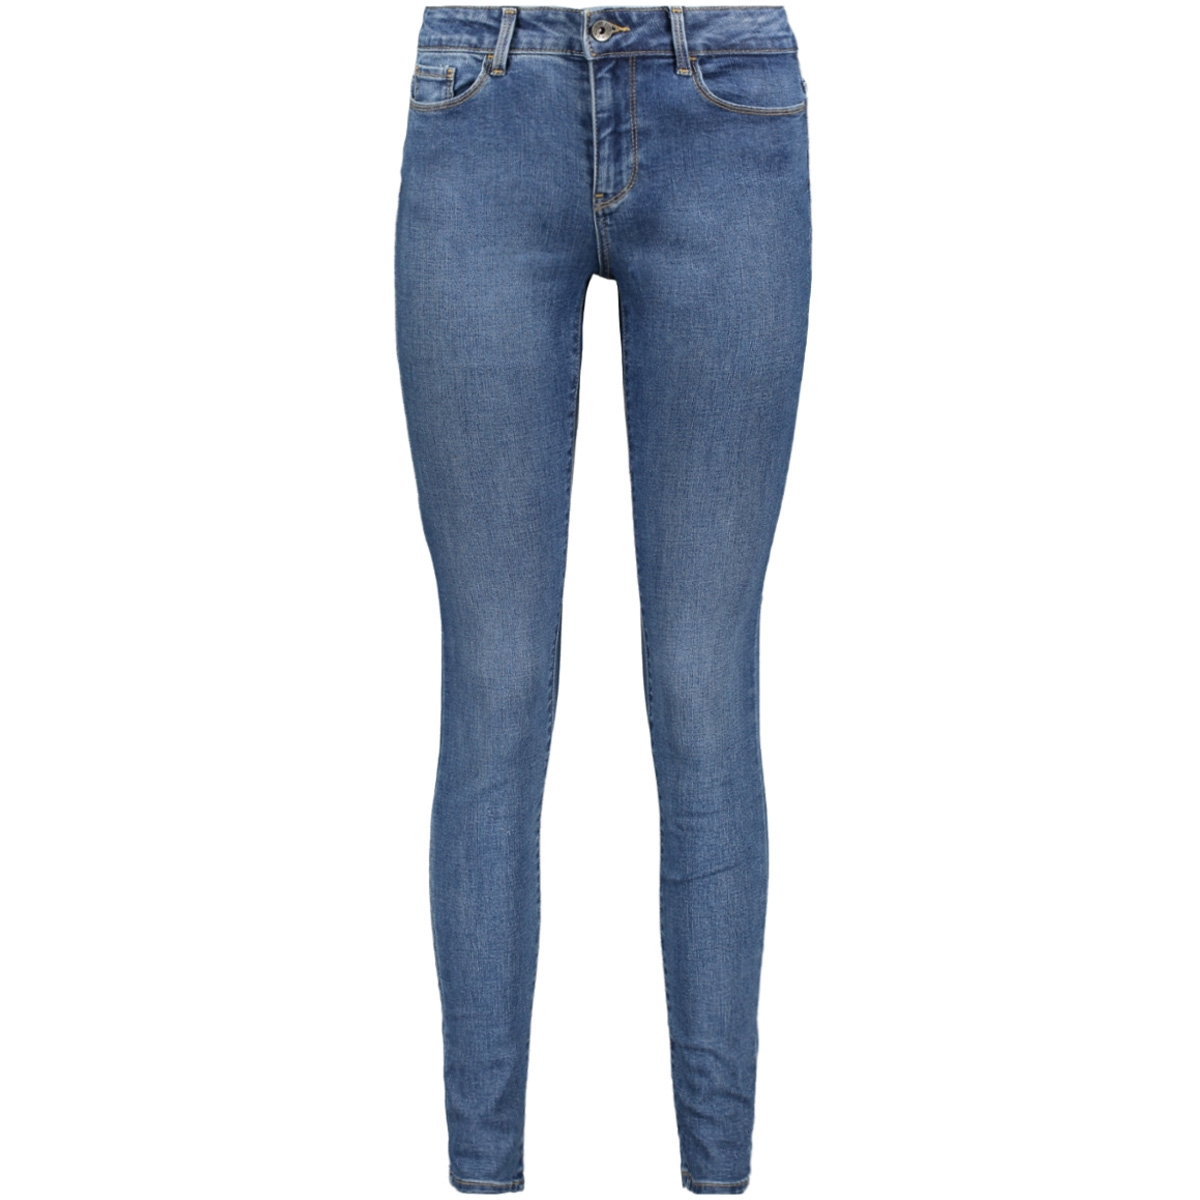 vmseven mr slim jeans vi301 10201609 vero moda jeans medium blue denim